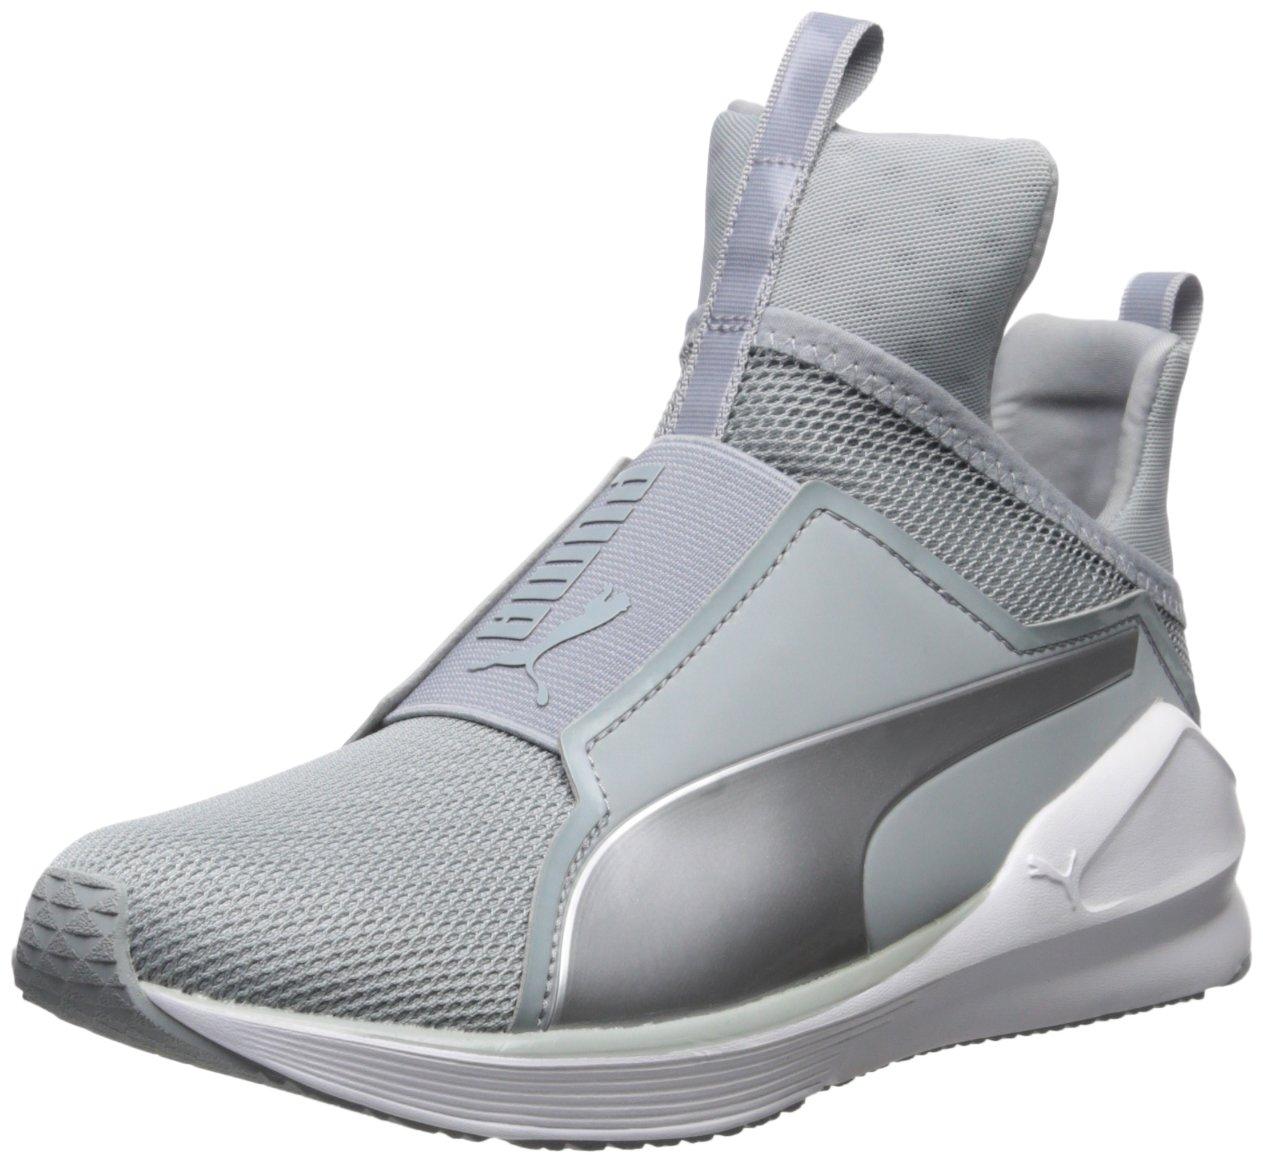 Puma Fierce Core, Zapatillas de Deporte para Mujer 37.5 EU|Quarry/Puma White/Polyurethane